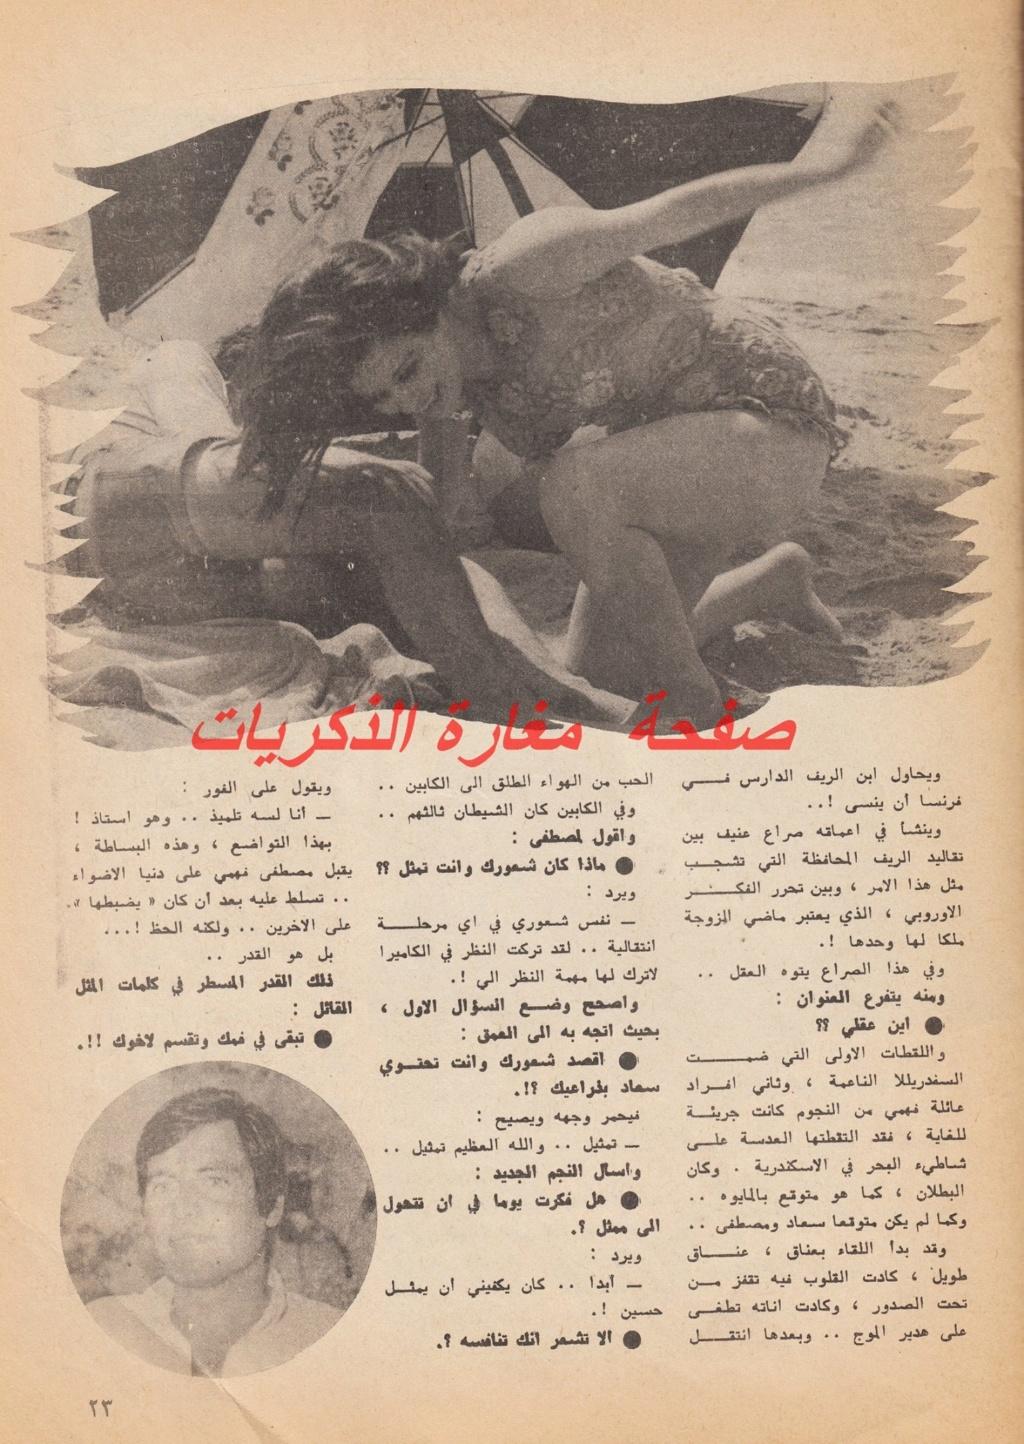 مقال - مقال صحفي : الصدفة ابعدت حسين فهمي عن سعاد حسني 1973 م 481